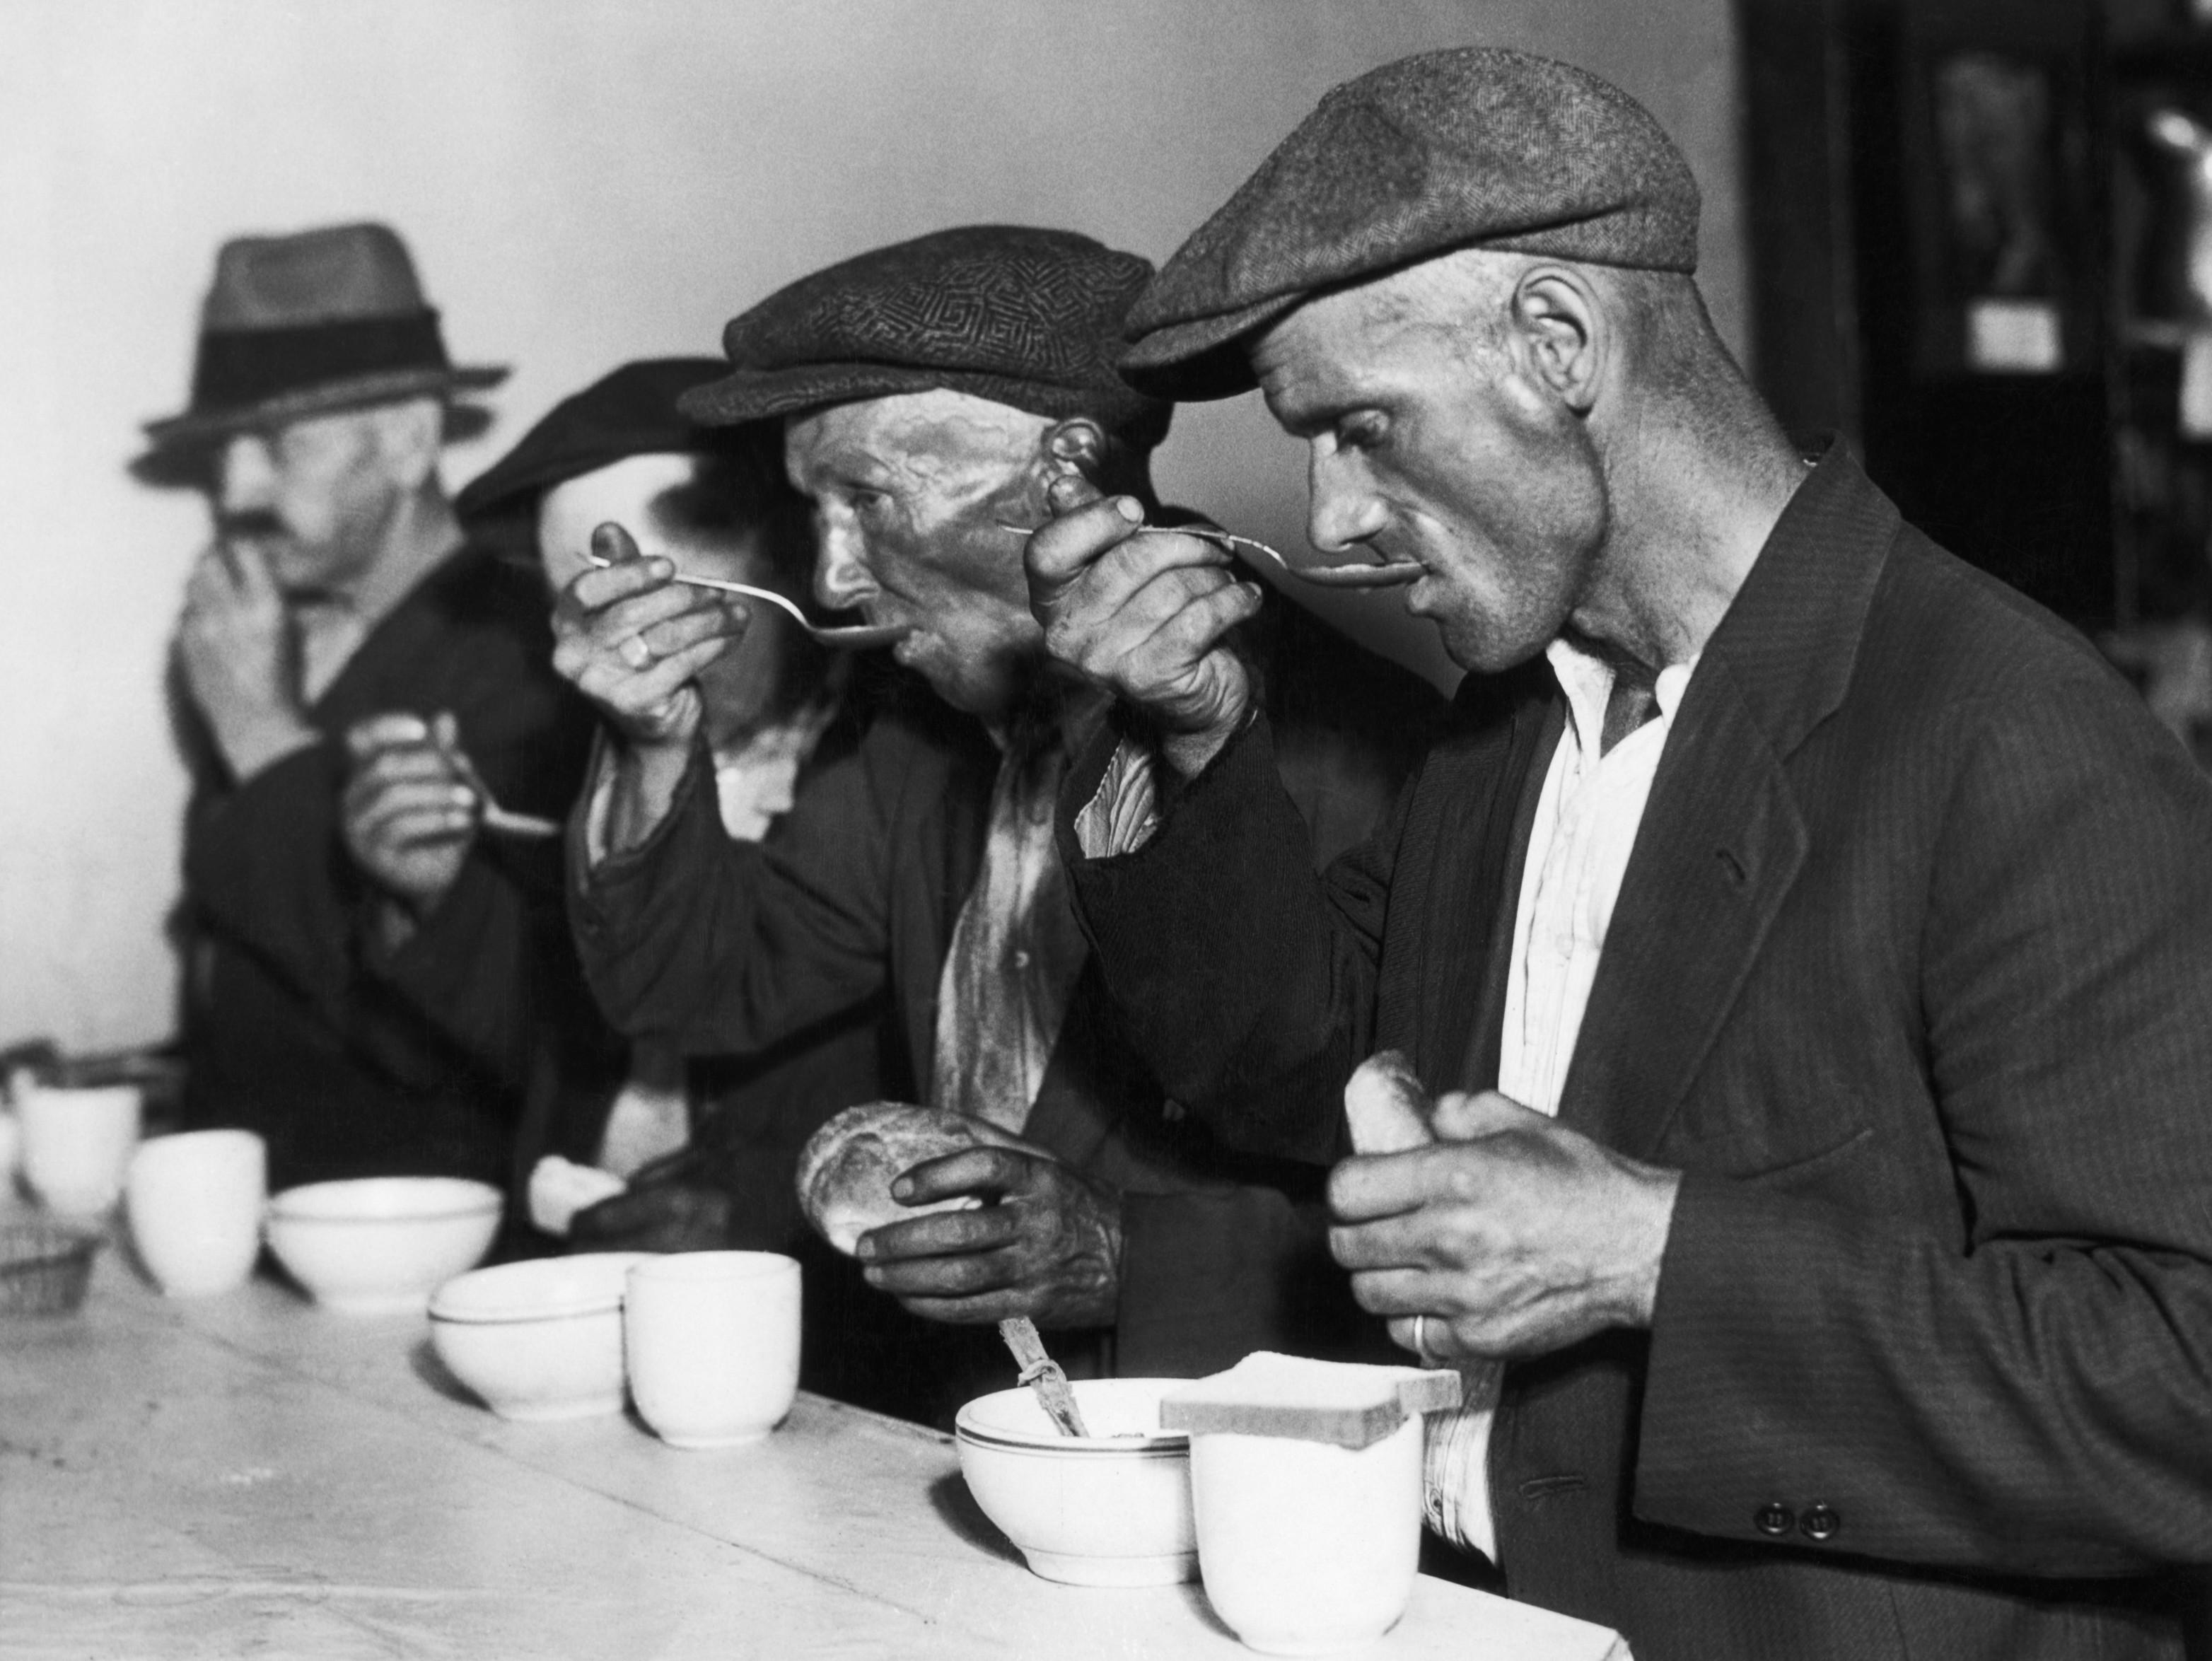 meneatingsoupduringgreatdepression2  Soup Kitchens